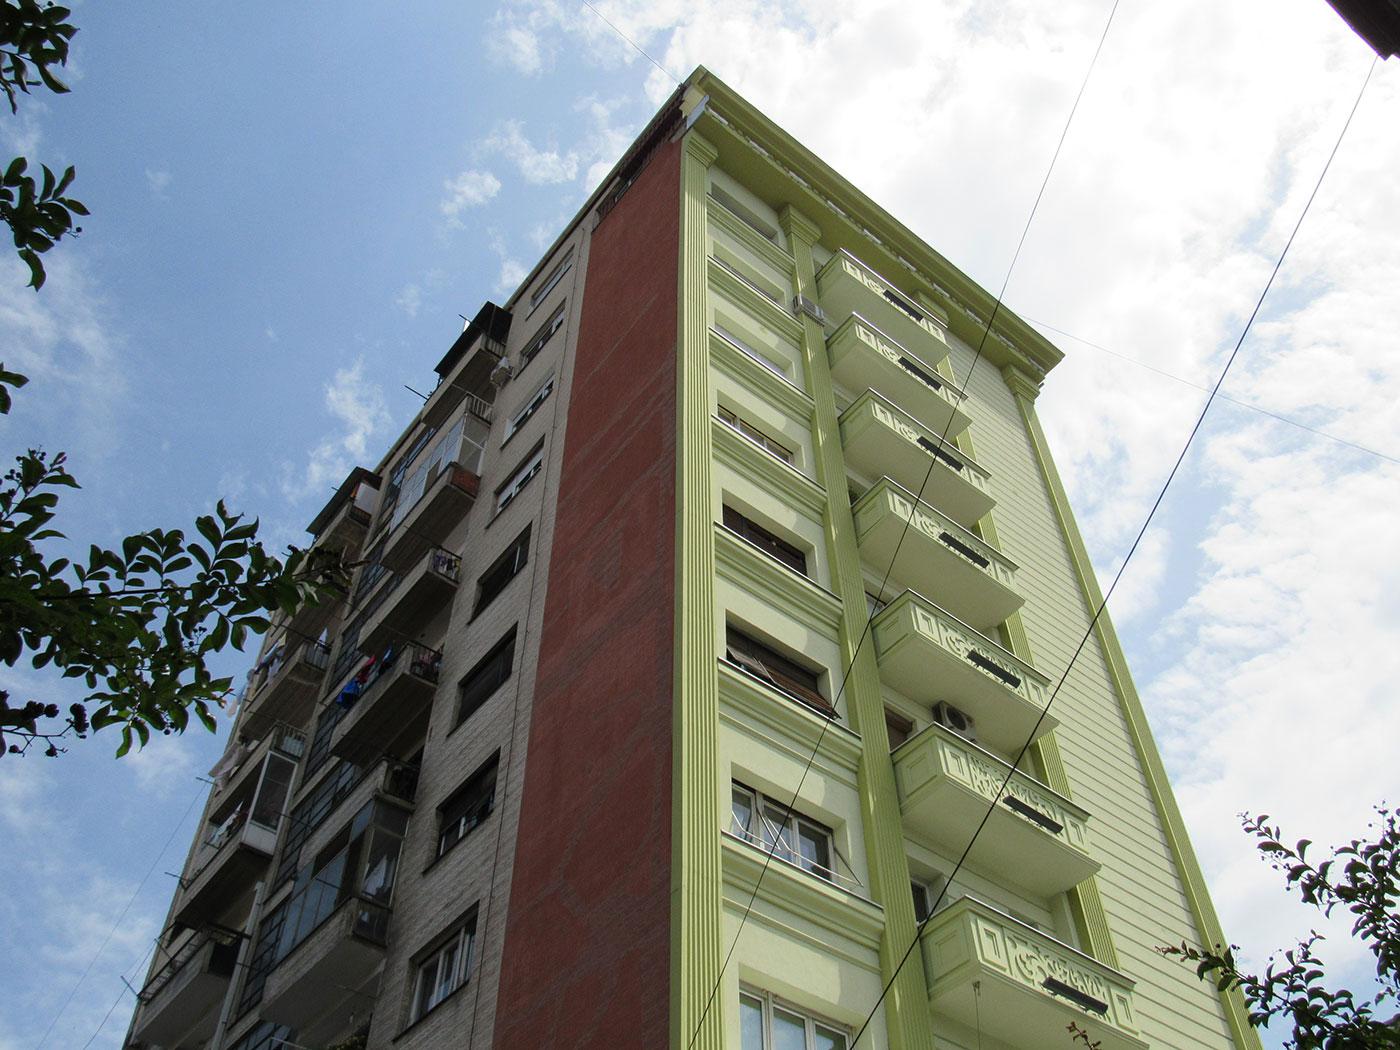 Станбена зграда во Скопје со нова неокласицистичка фасада од предната страна. Позадината на објектот е недопрена / Фото: Бојан Блажевски